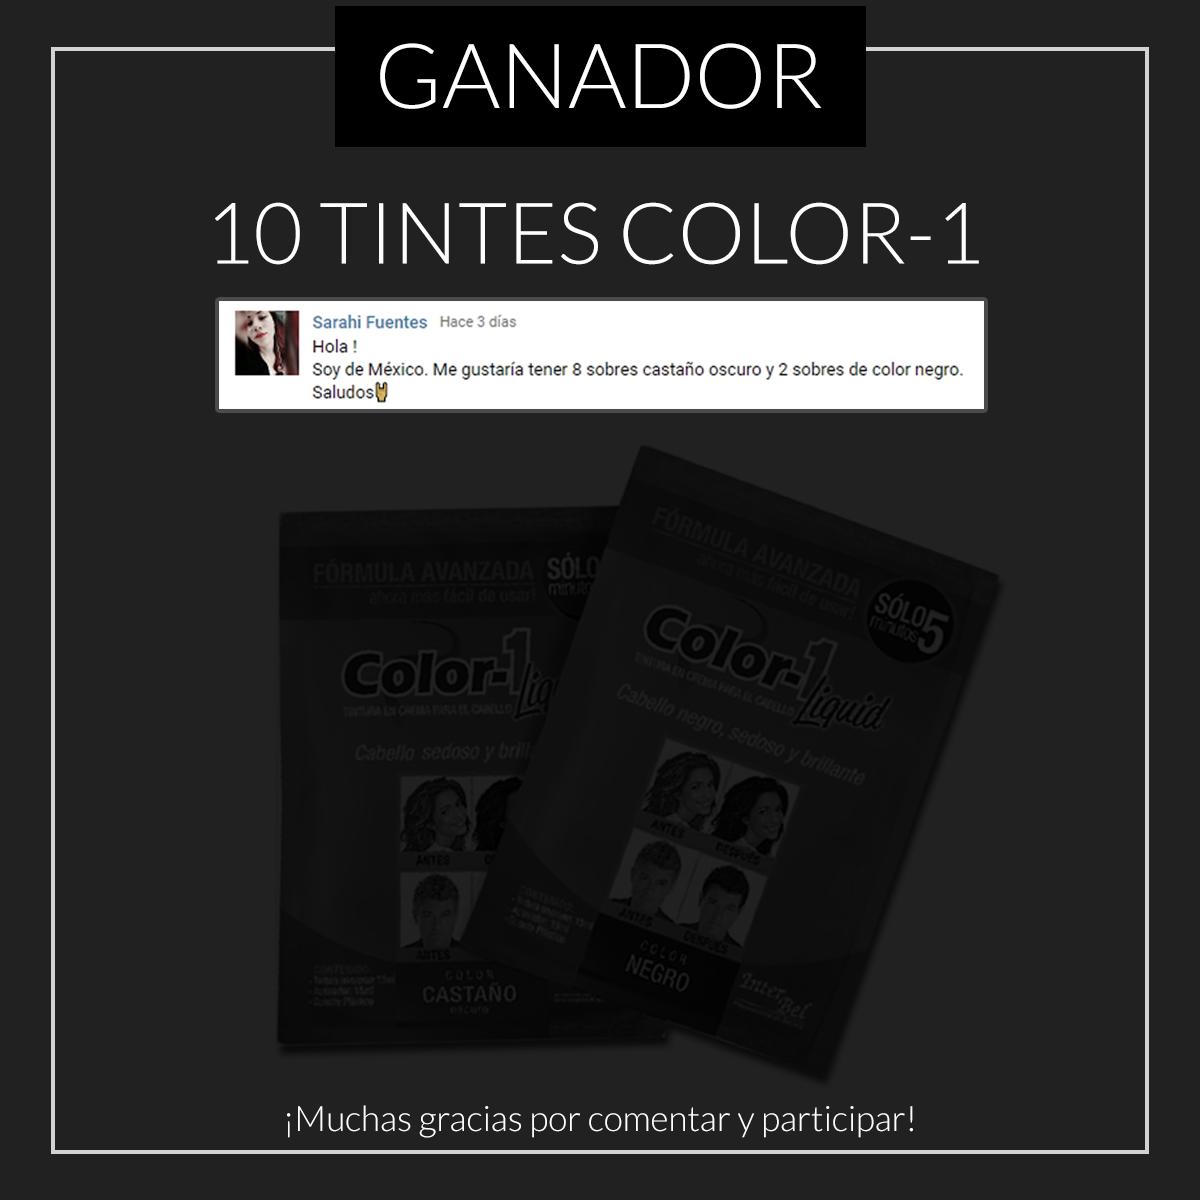 Ganador sorteo internacional tinte Color-1 cinco minutos sin peróxido